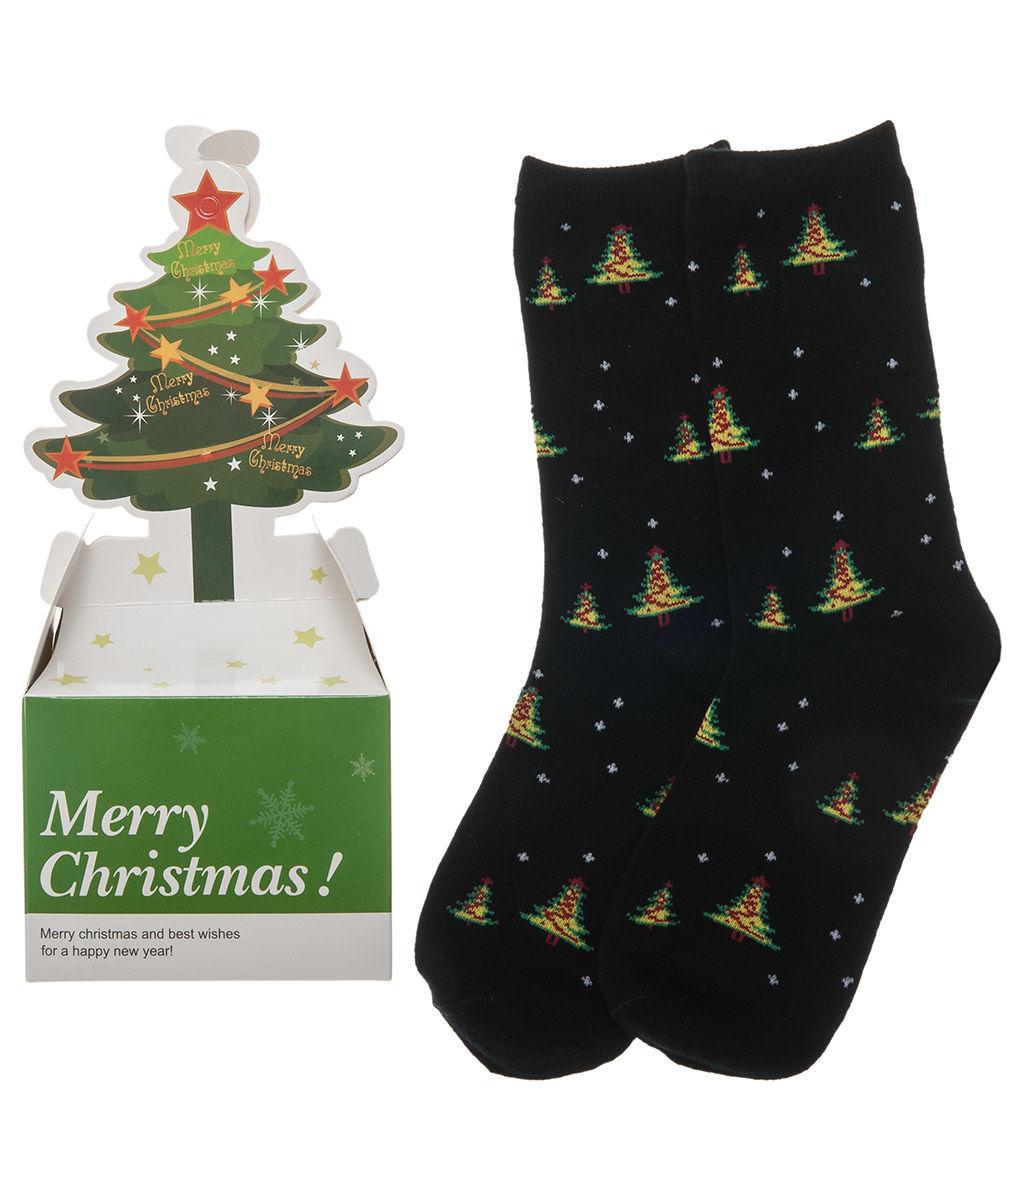 Γυναικεία   Ρούχα   Εσώρουχα   Κάλτσες   Κάλτσες   Καλσόν ... a64accd77e2